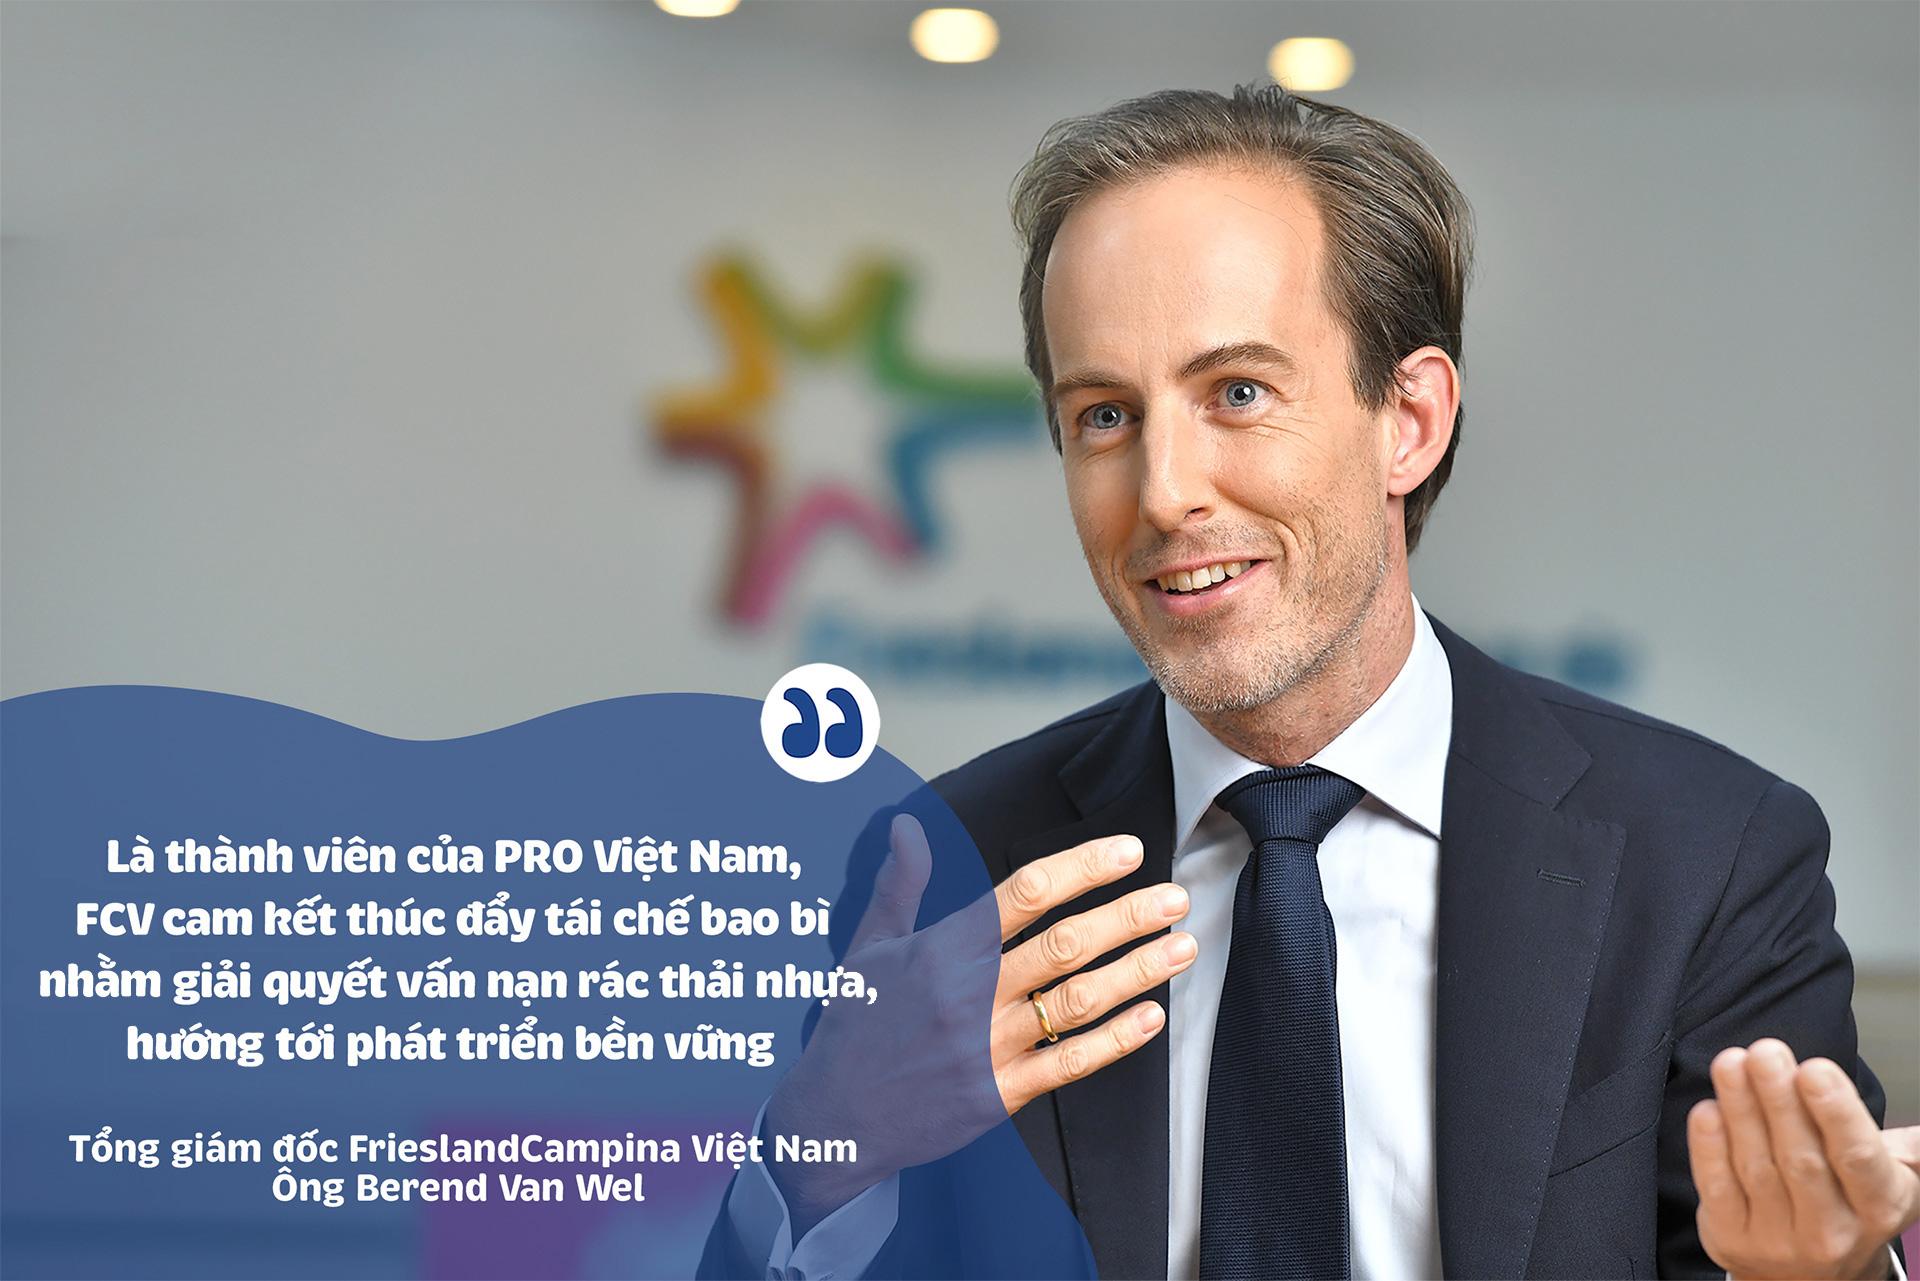 FrieslandCampina Việt Nam: 25 năm tổng lực đầu tư cho phát triển bền vững - Ảnh 7.